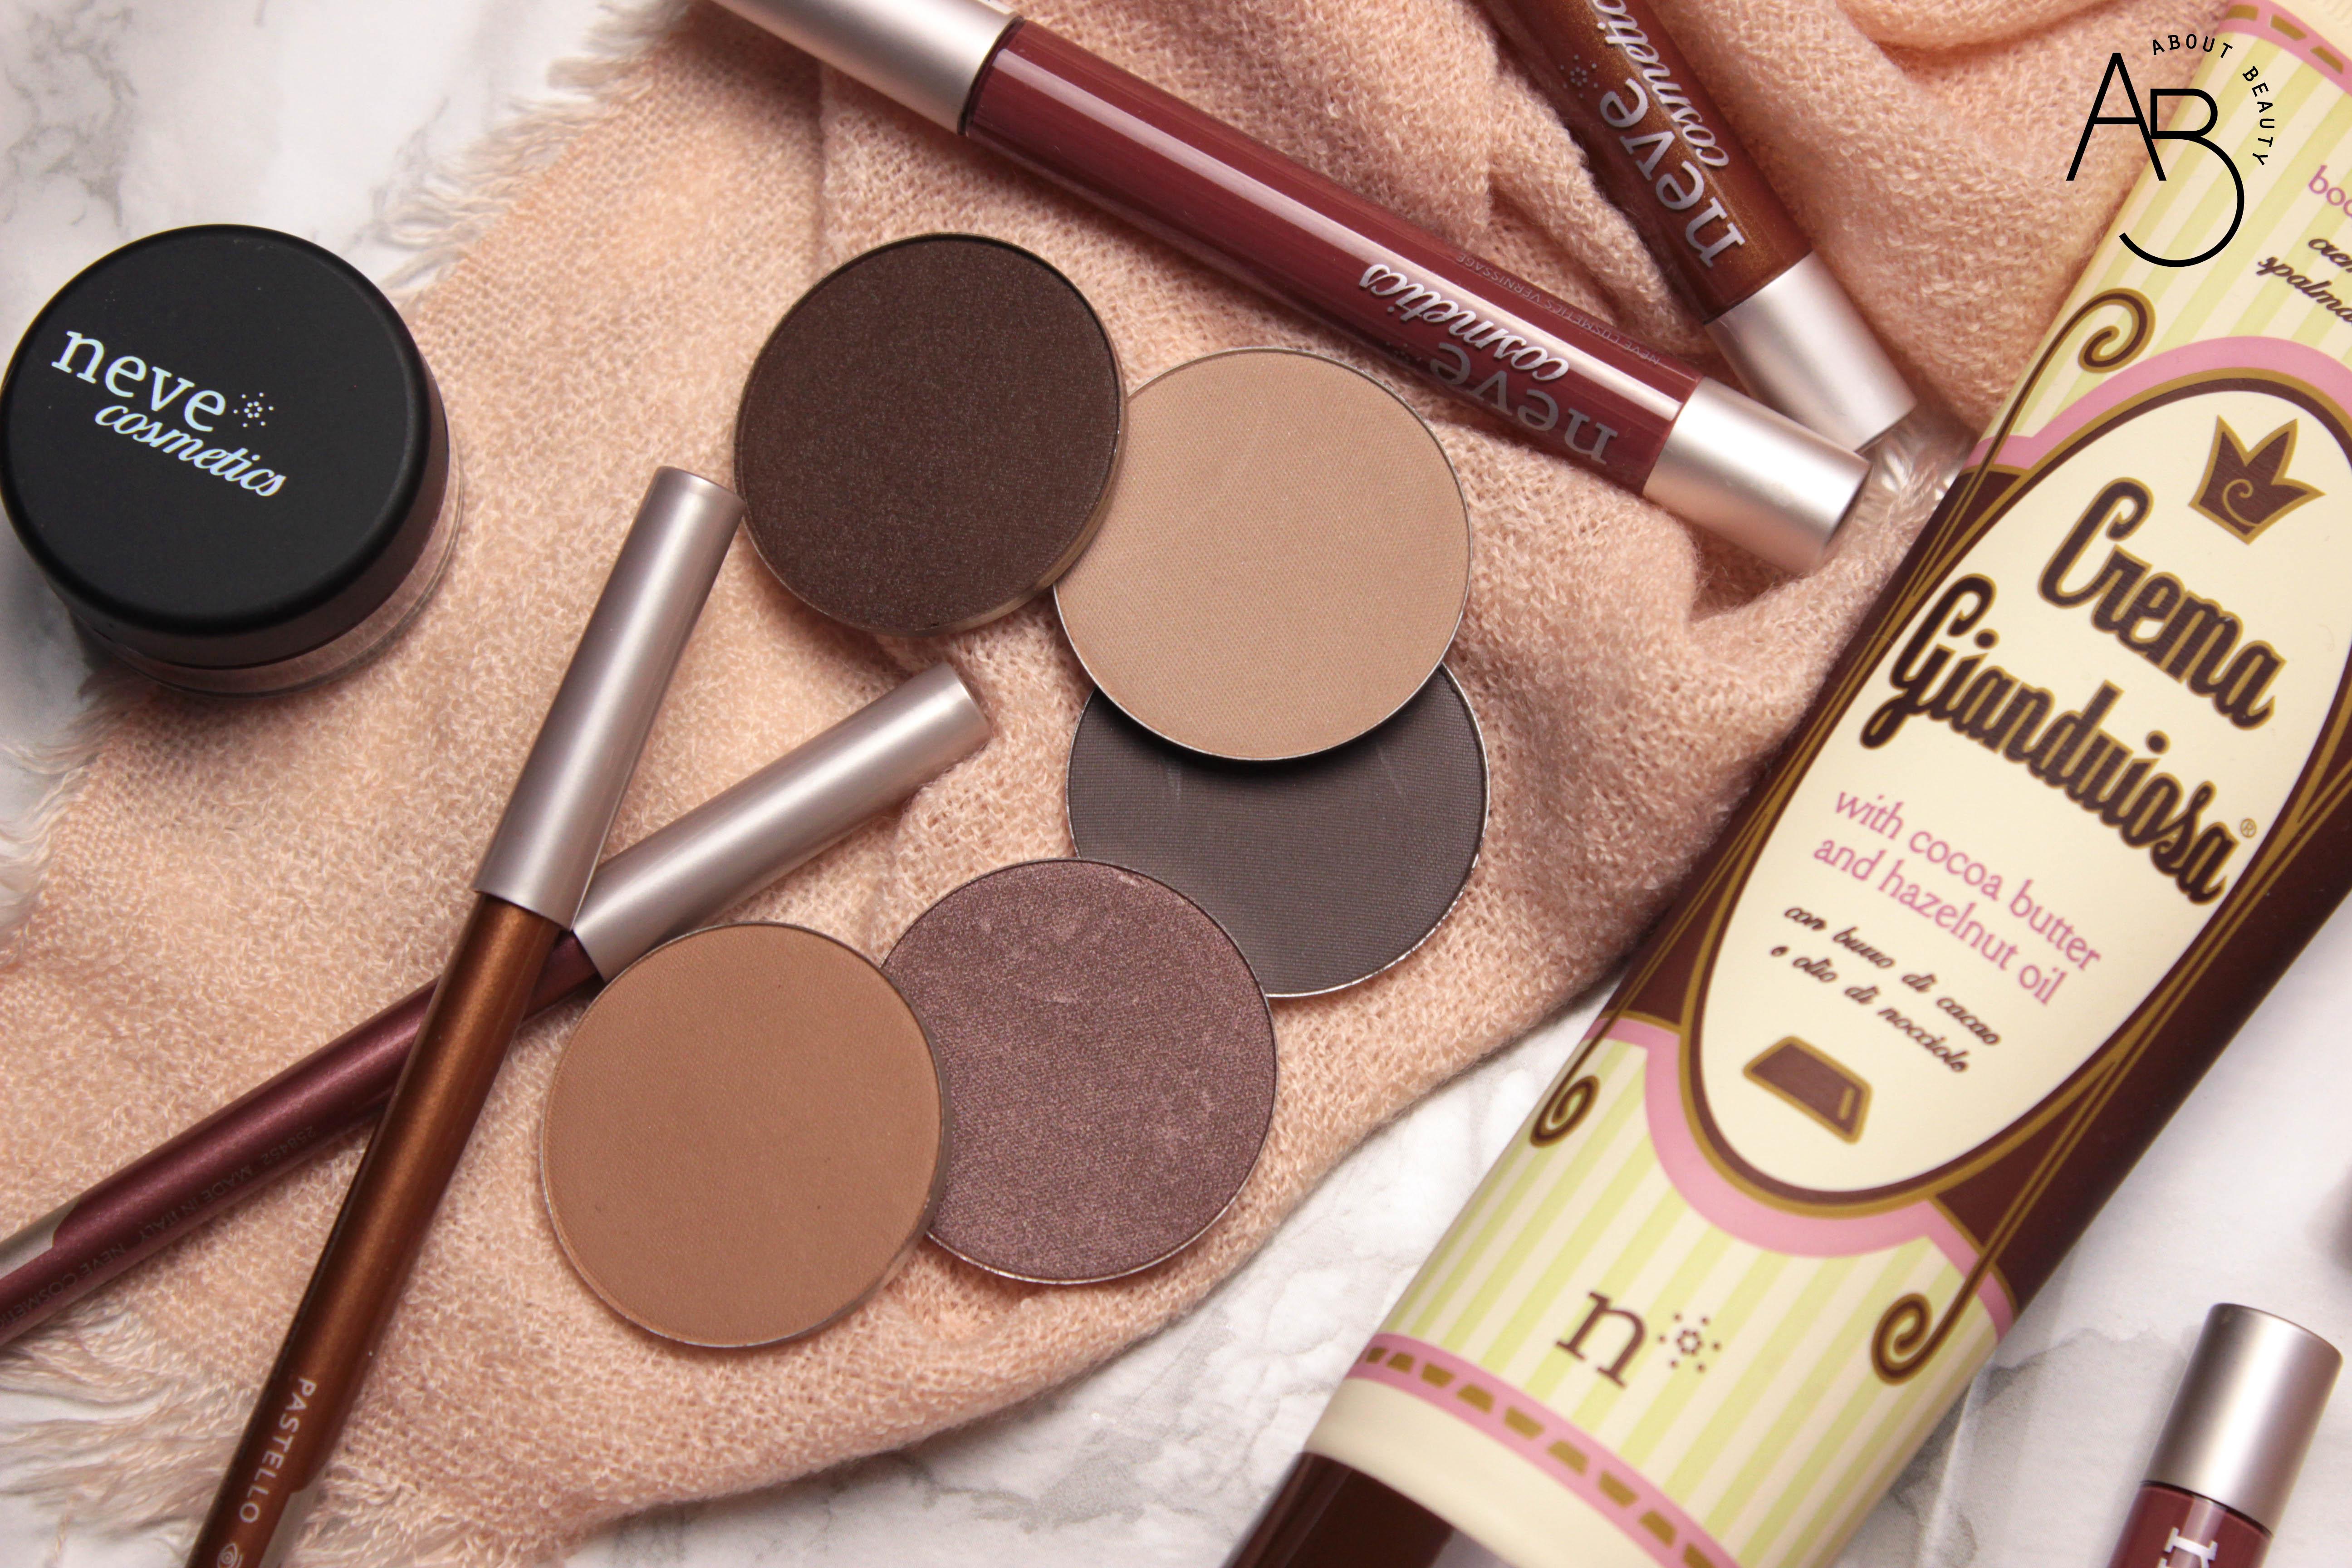 Doccia gianduiosa Neve Cosmetics - Review, recensione, info, prezzo, dove acquistare - Chocolate Valentine Promo - Ombretti in cialda